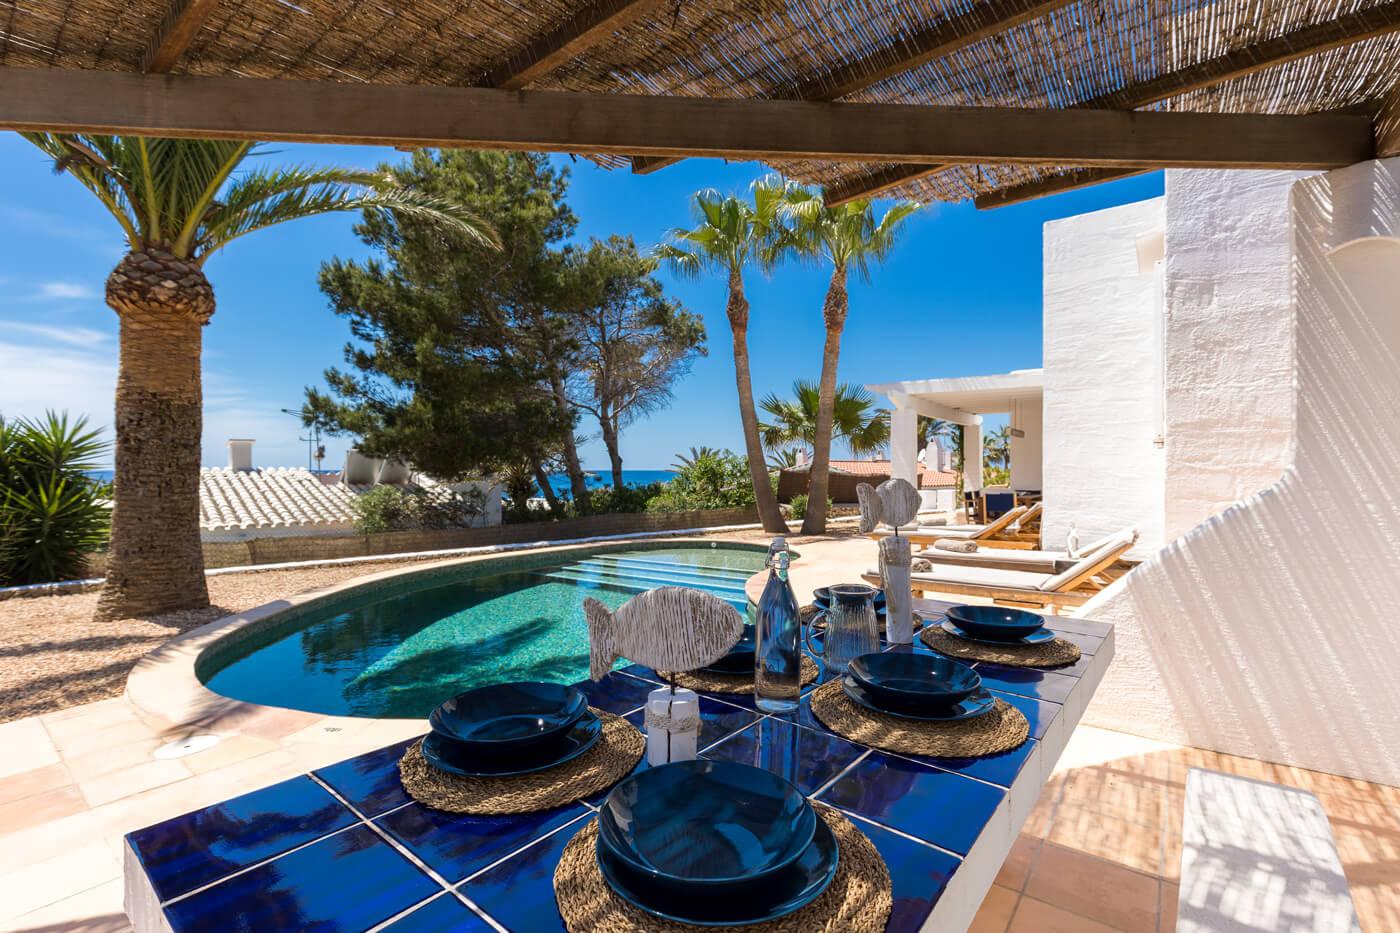 Villas Etnia Menorca - barbecue